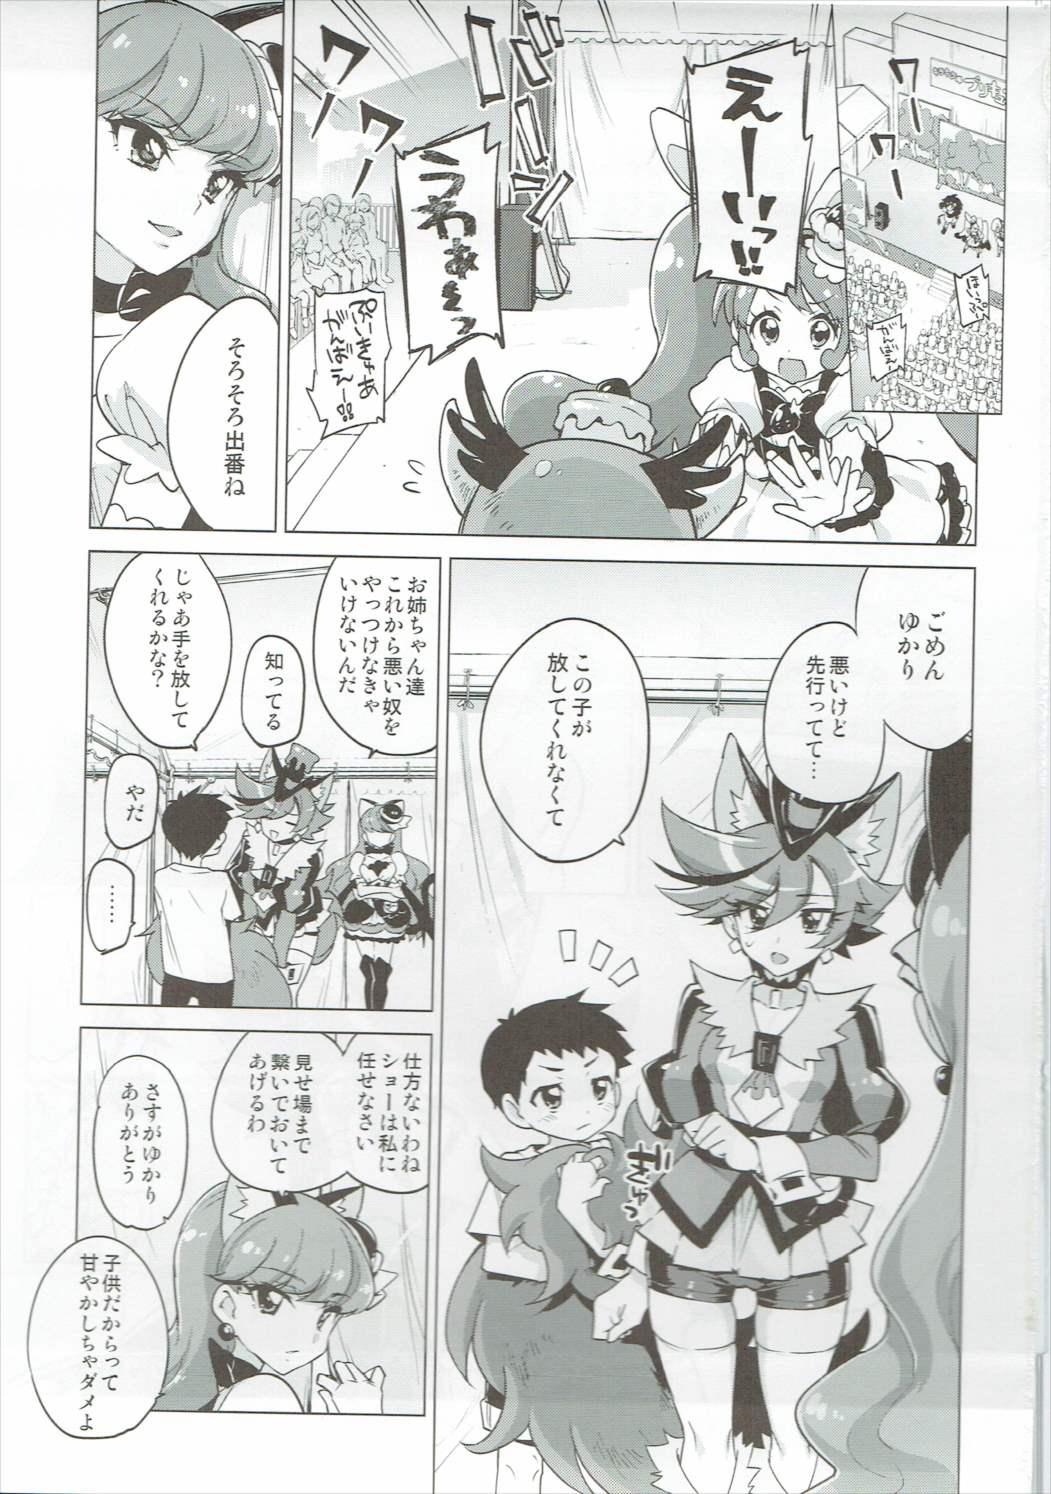 エロ アニメ ショコラ 無料